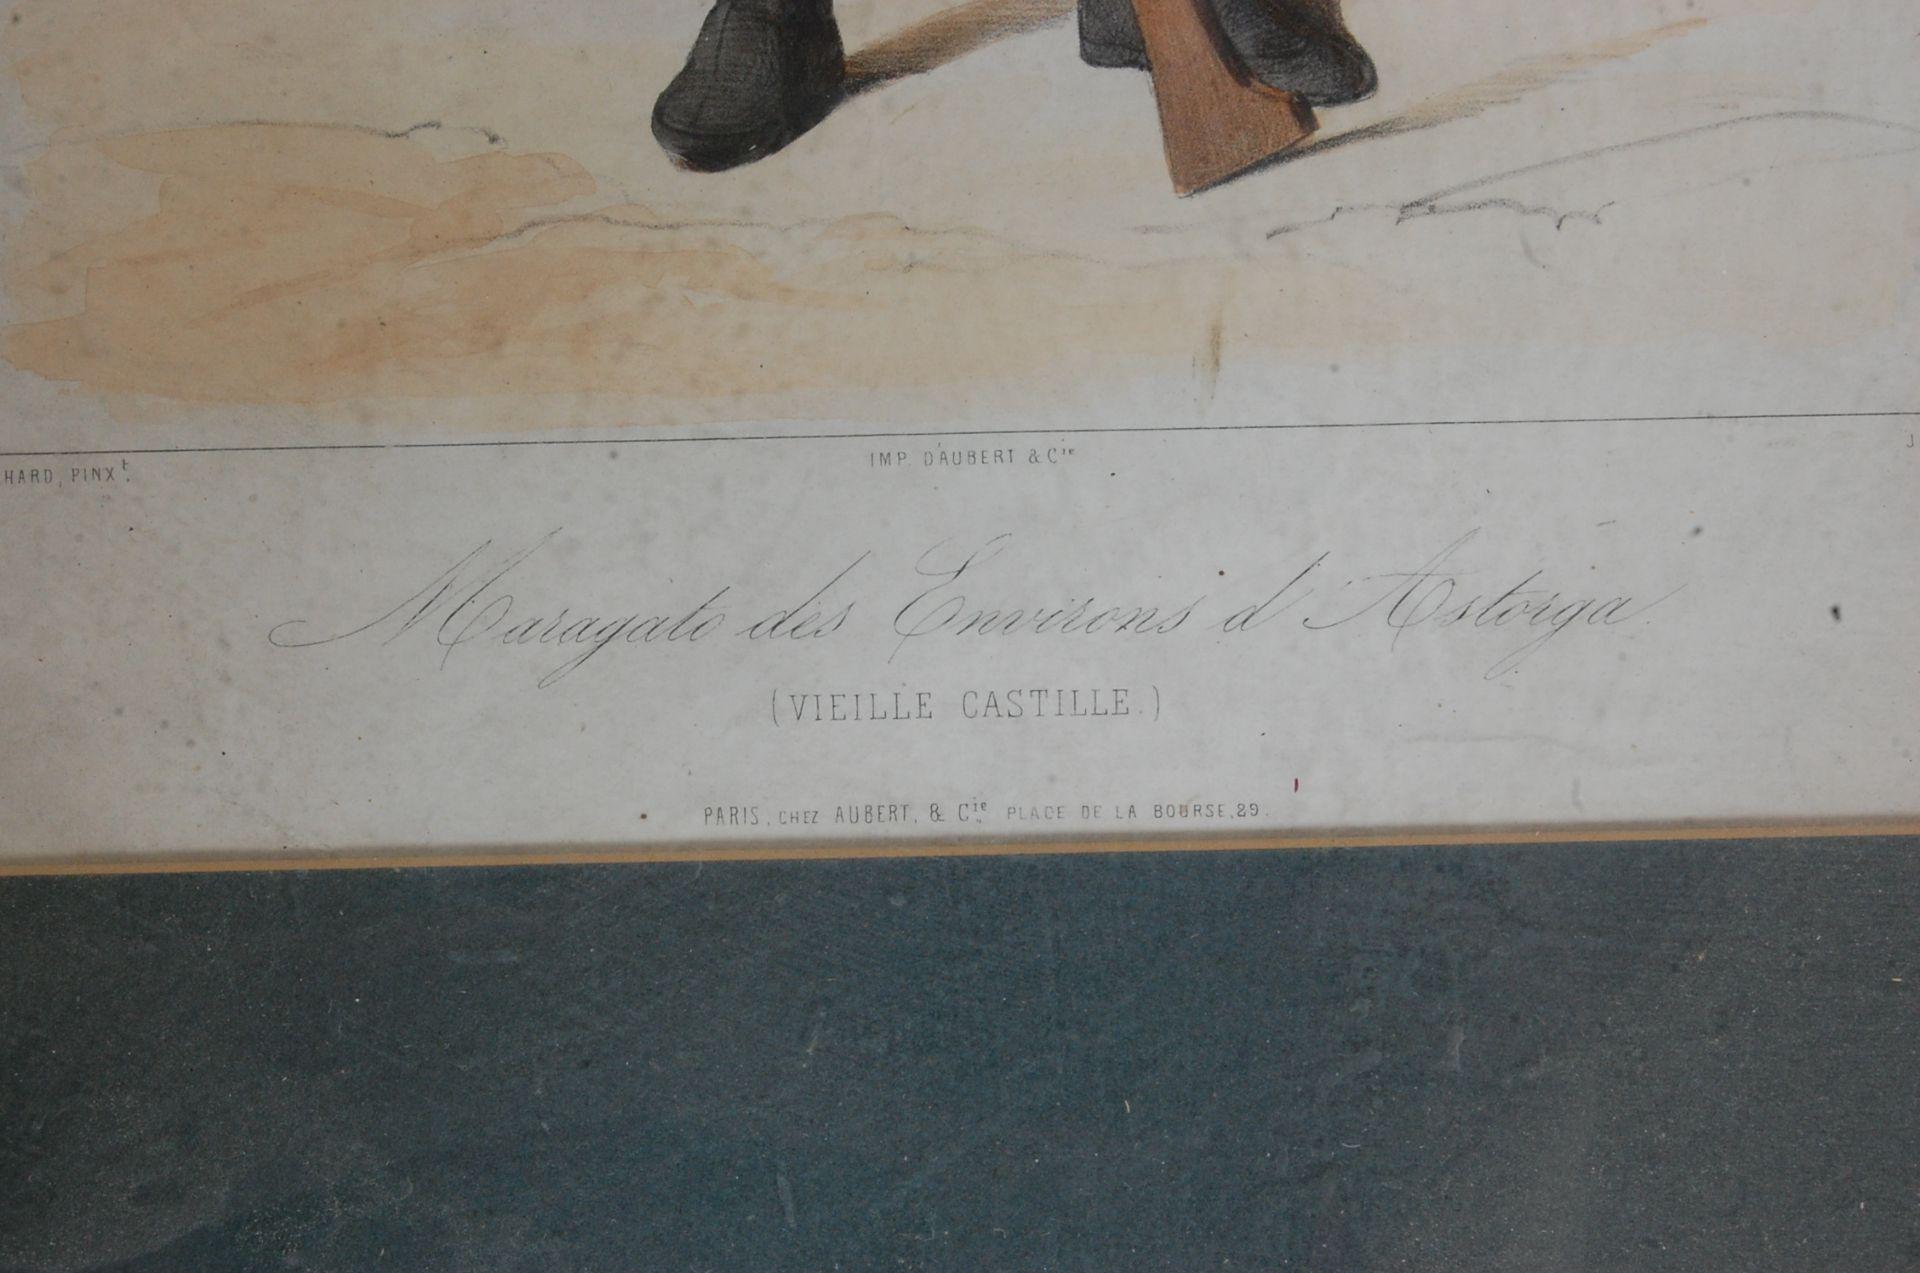 ANTIQUE 19TH CENTURY LITHOGRAPHS PEINTS / ETCHING PLATES - Bild 6 aus 16